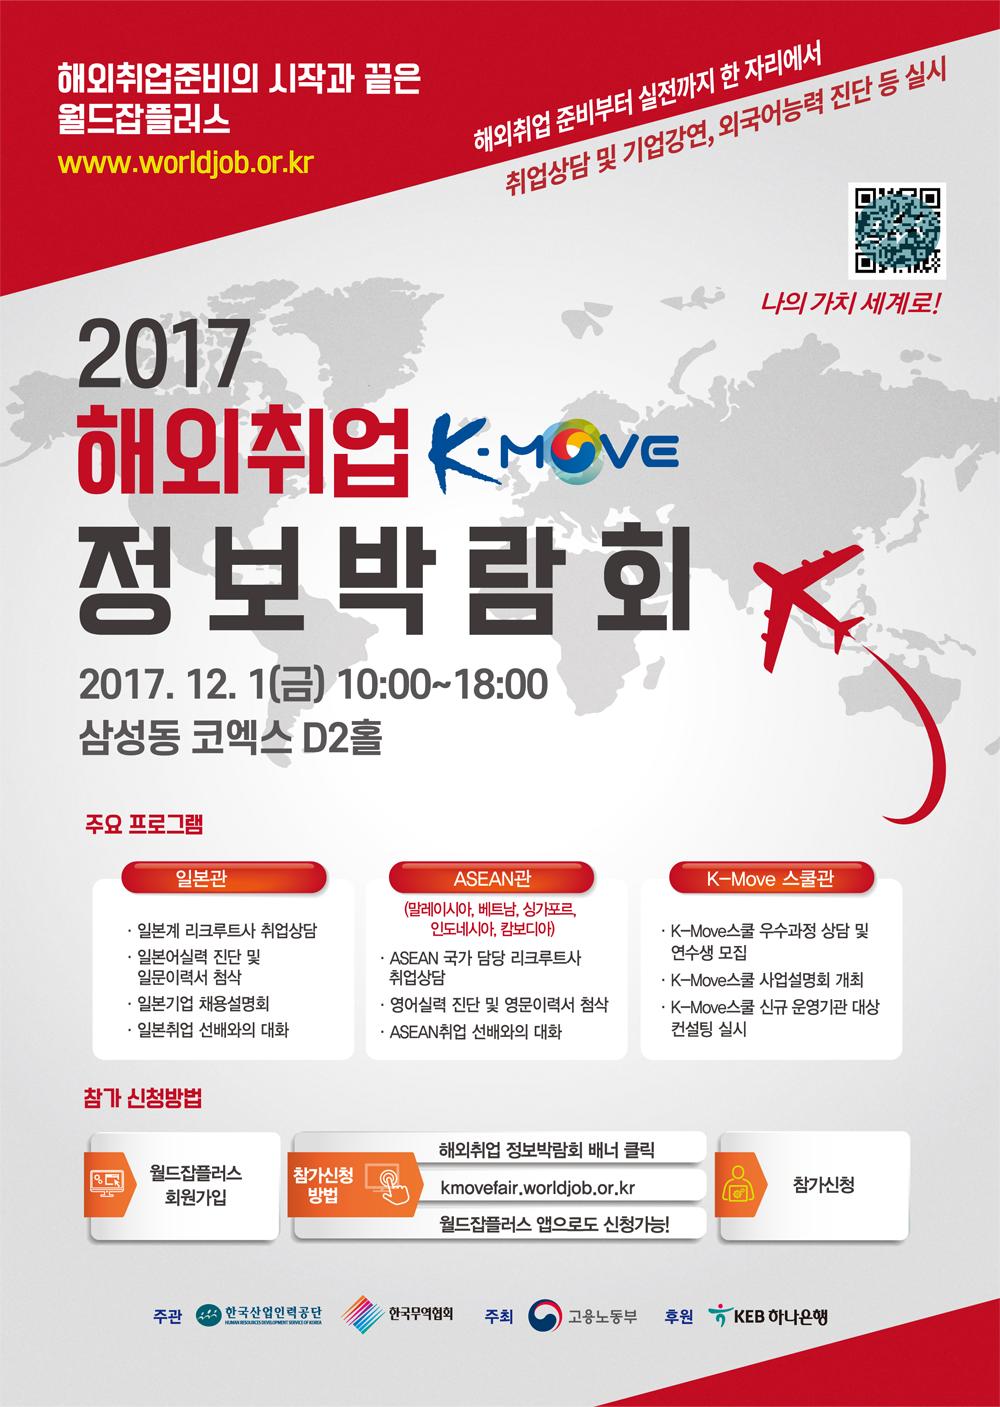 해외취업(K-Move) 정보박람회 참가 신청 (12.1, 코엑스 D2홀) 이미지